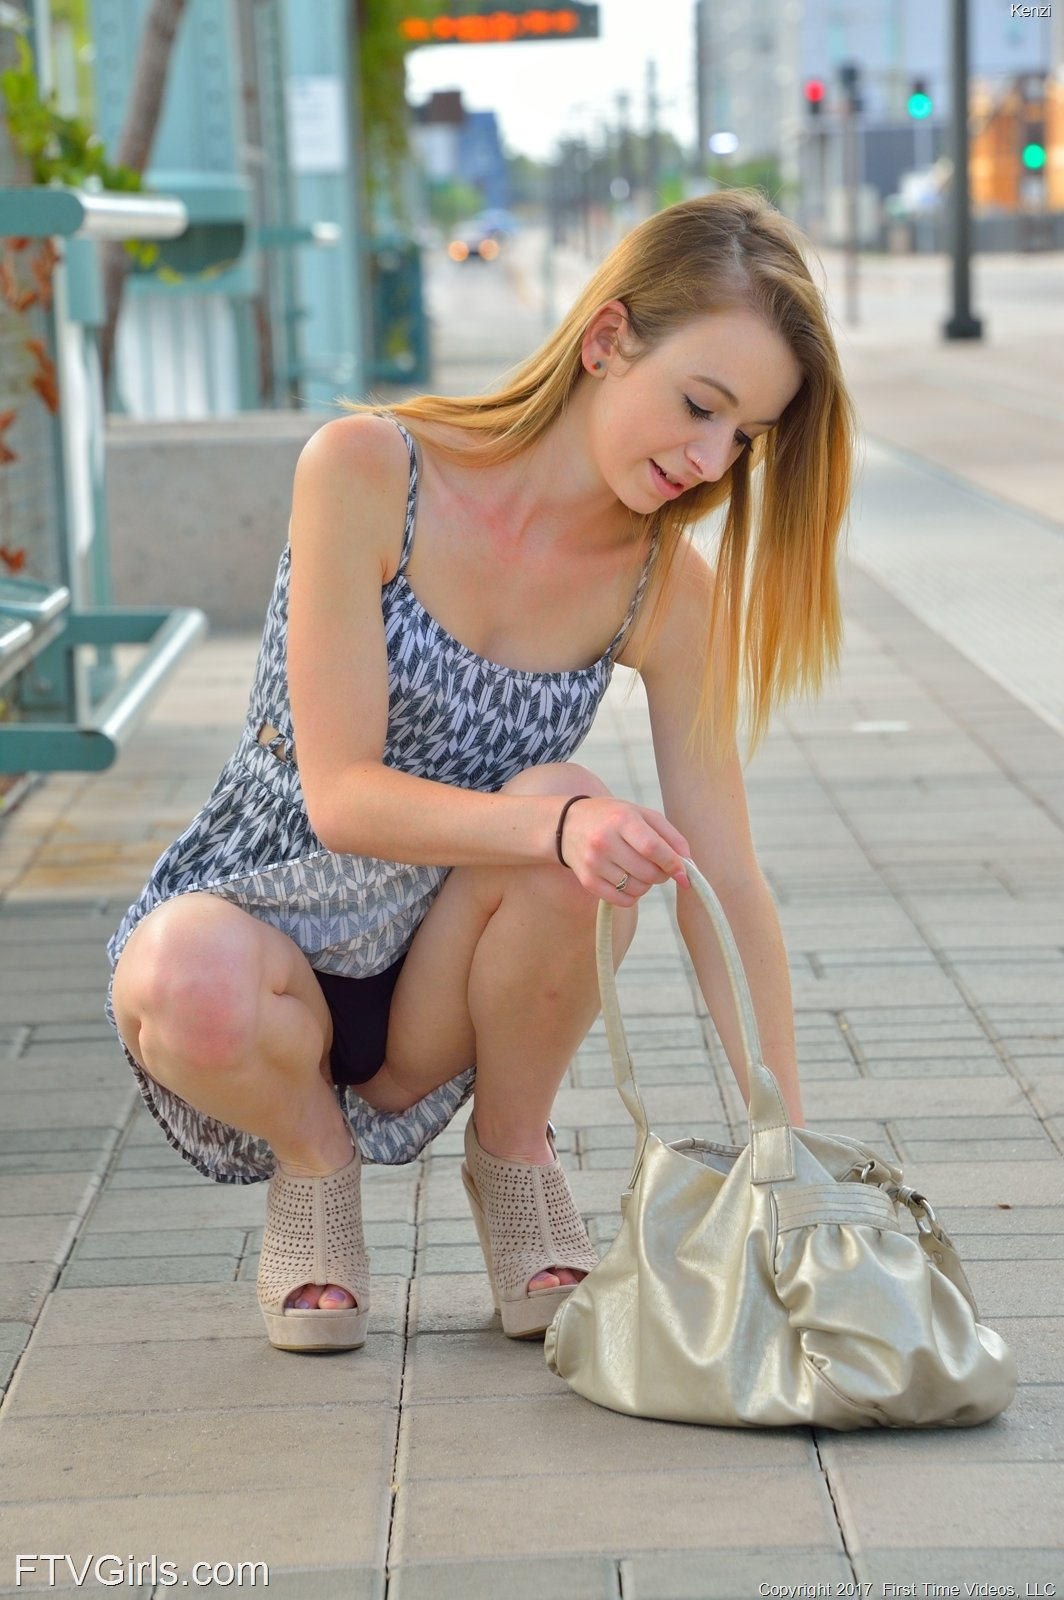 Upskirt girls photos